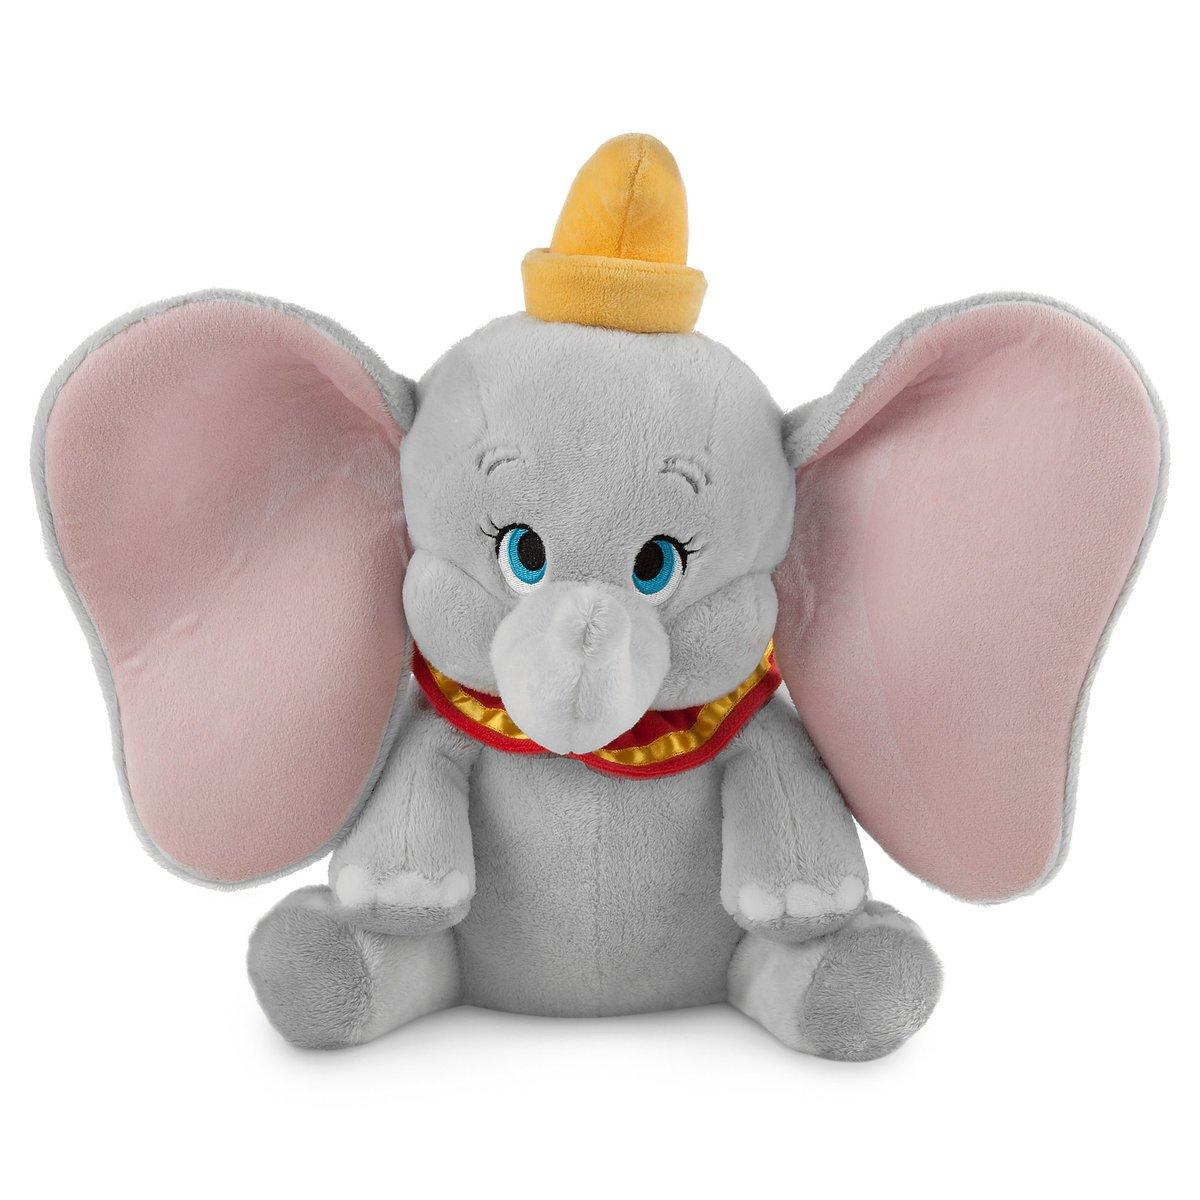 Disney Dumbo Plush - Medium - 14 Inch